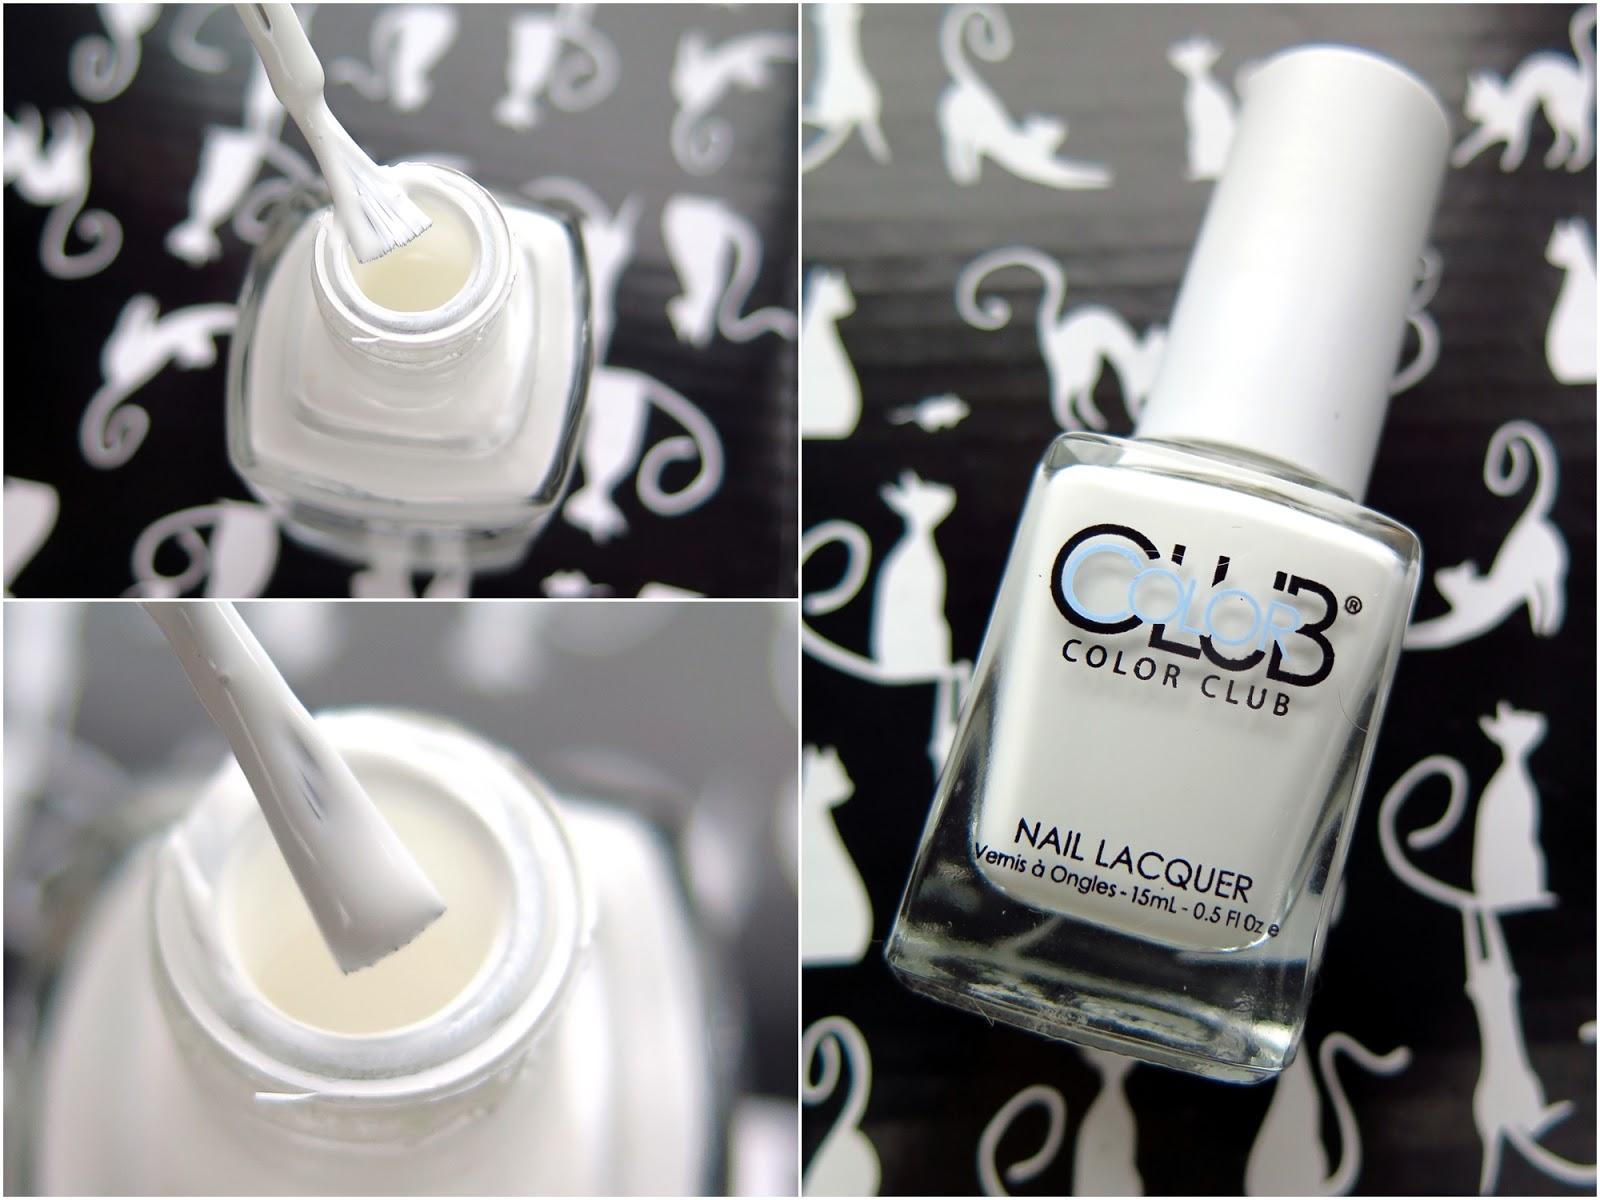 Color Club Fren Nails - Rangsucaocap